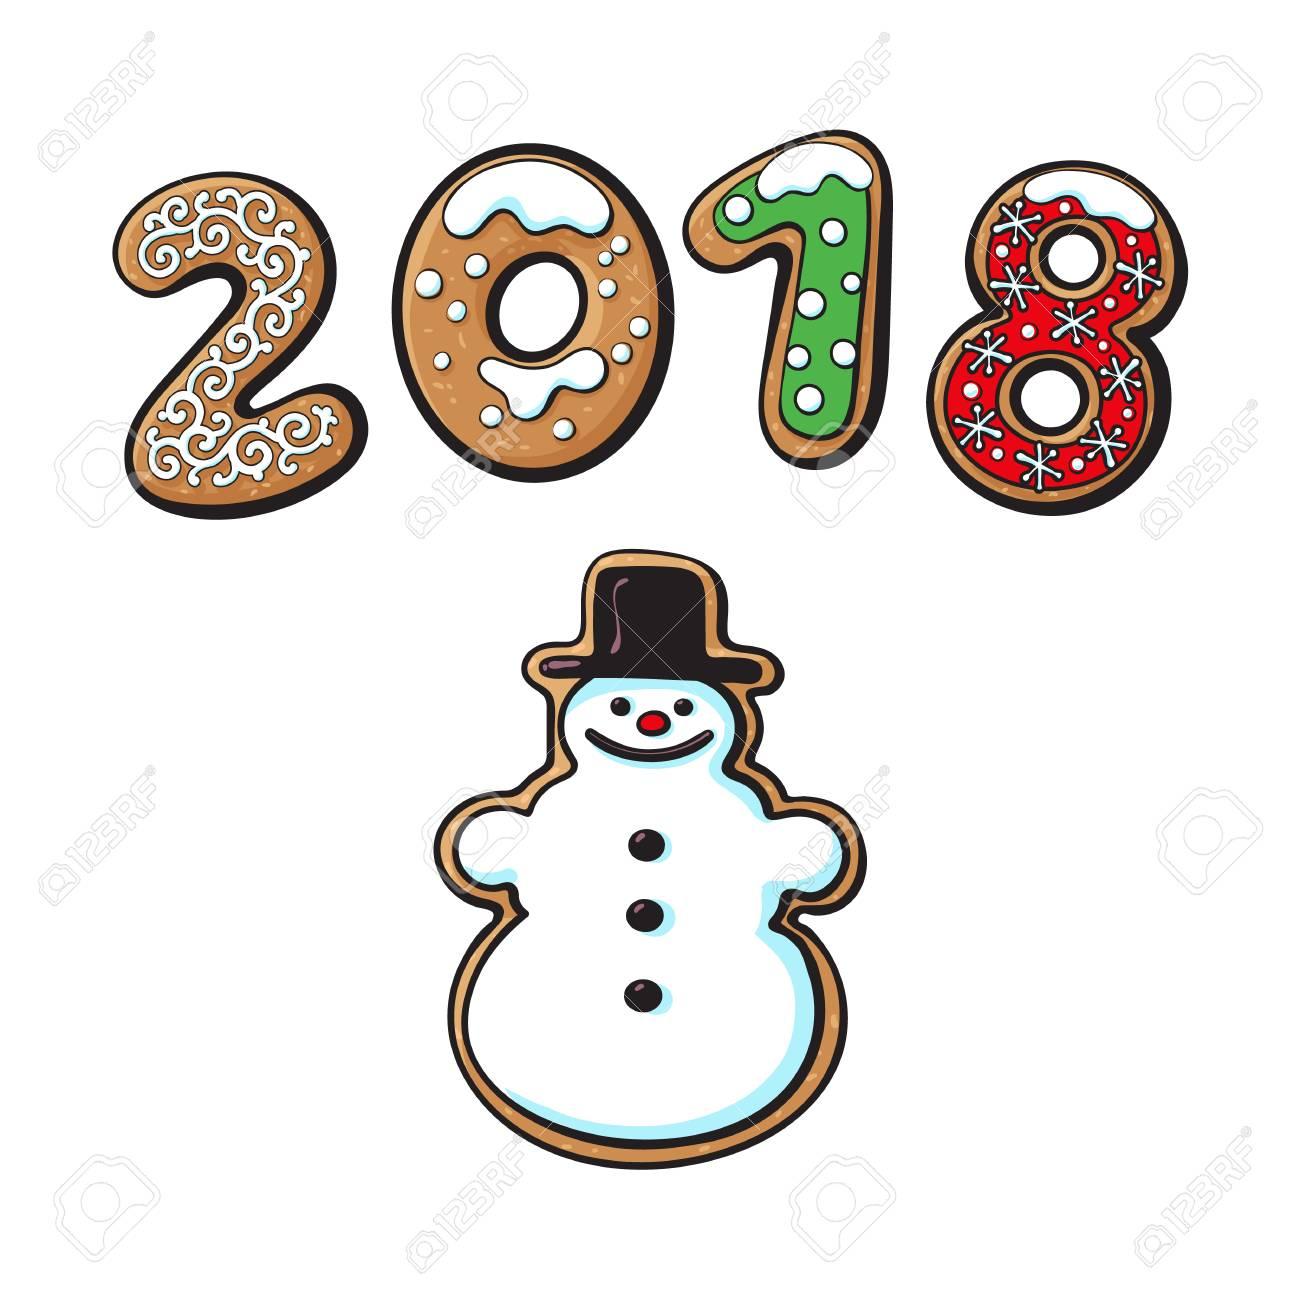 Nouvel an 2018 numéros de bonbons au four gâteau sucré de dessin animé sous la forme de bonhomme de neige gâterie maison traditionnelle